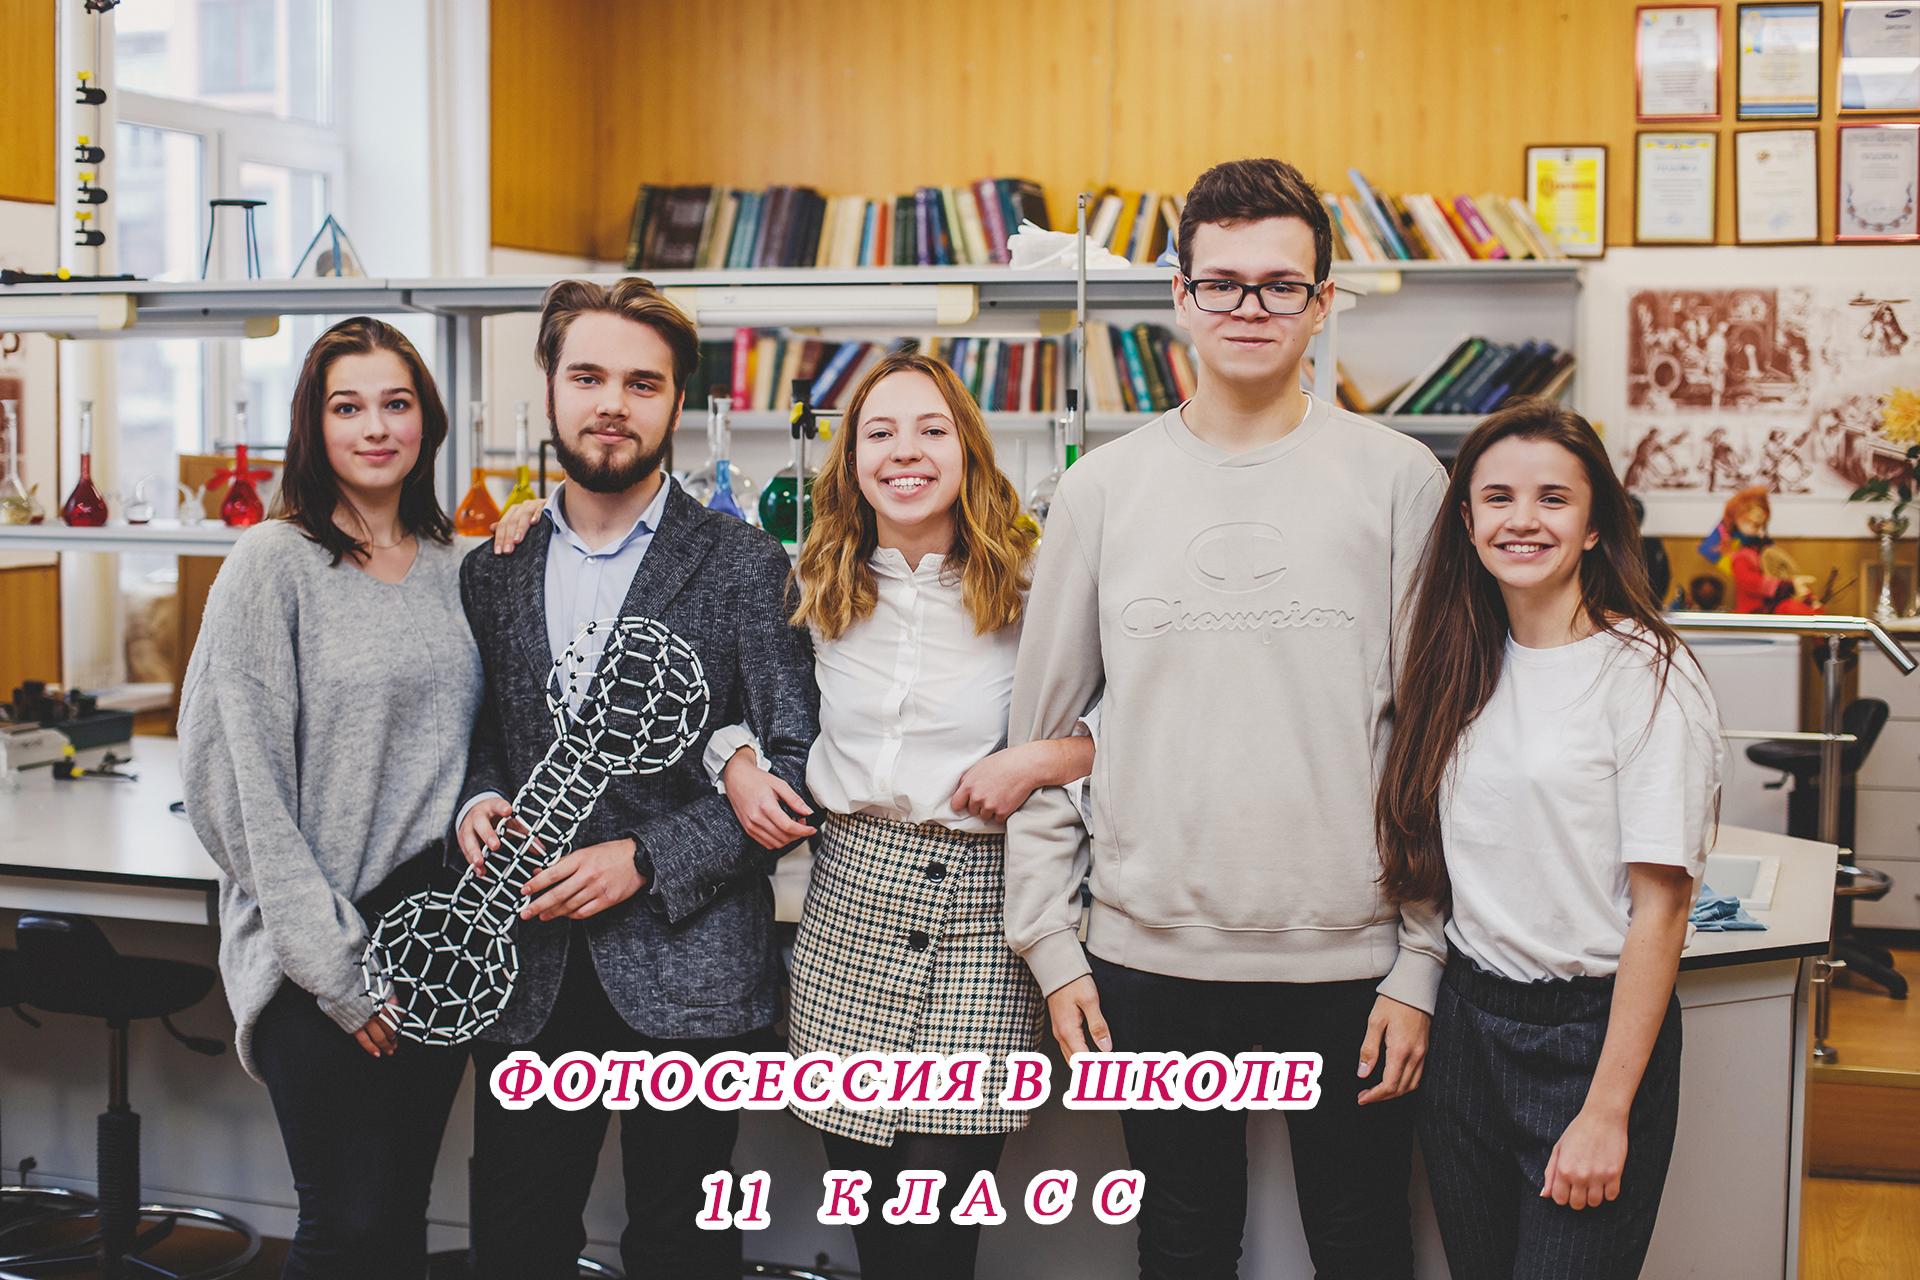 выпускной альбом для 11 класса киев